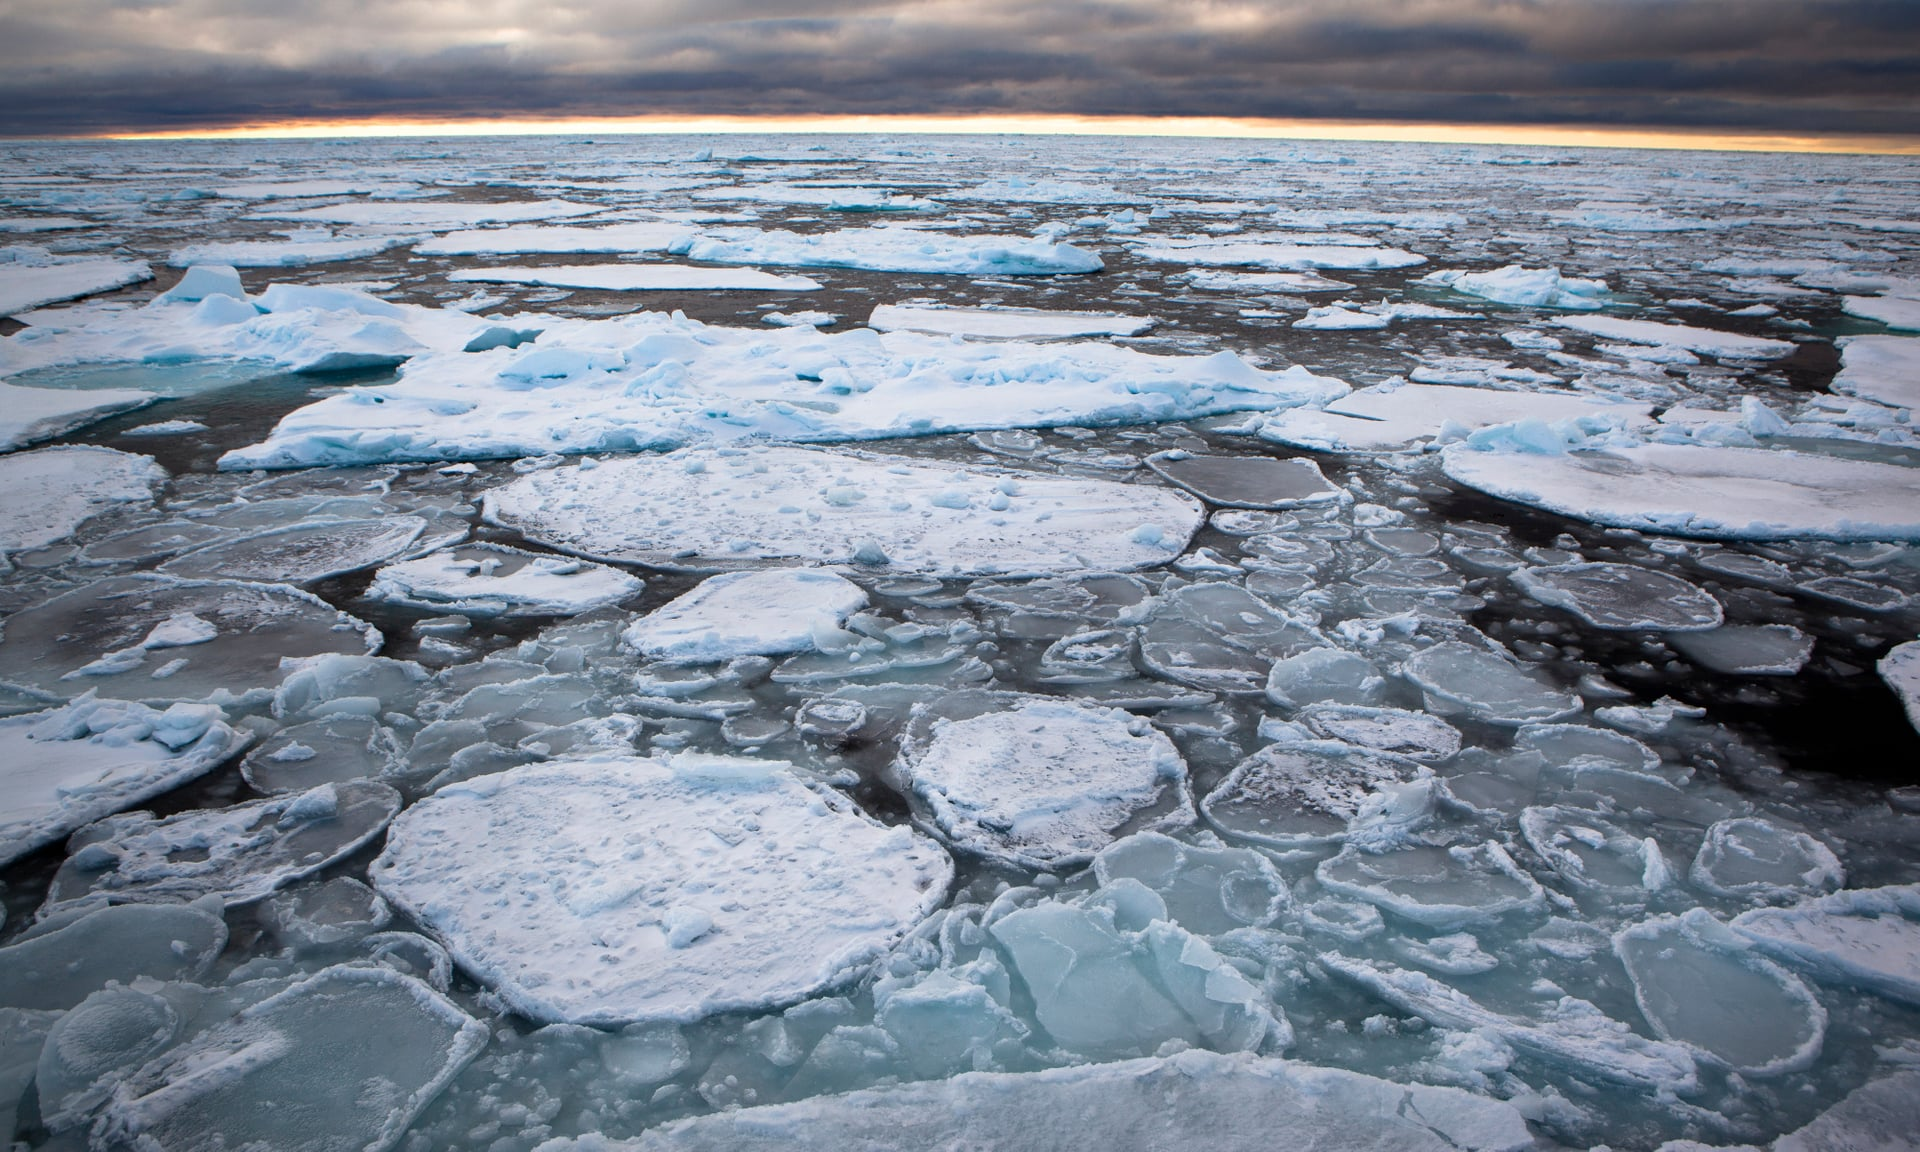 Kuzey Kutbu'nun en kalın ve sert buz kütleleri tarihte ilk kez kırılmaya başladı